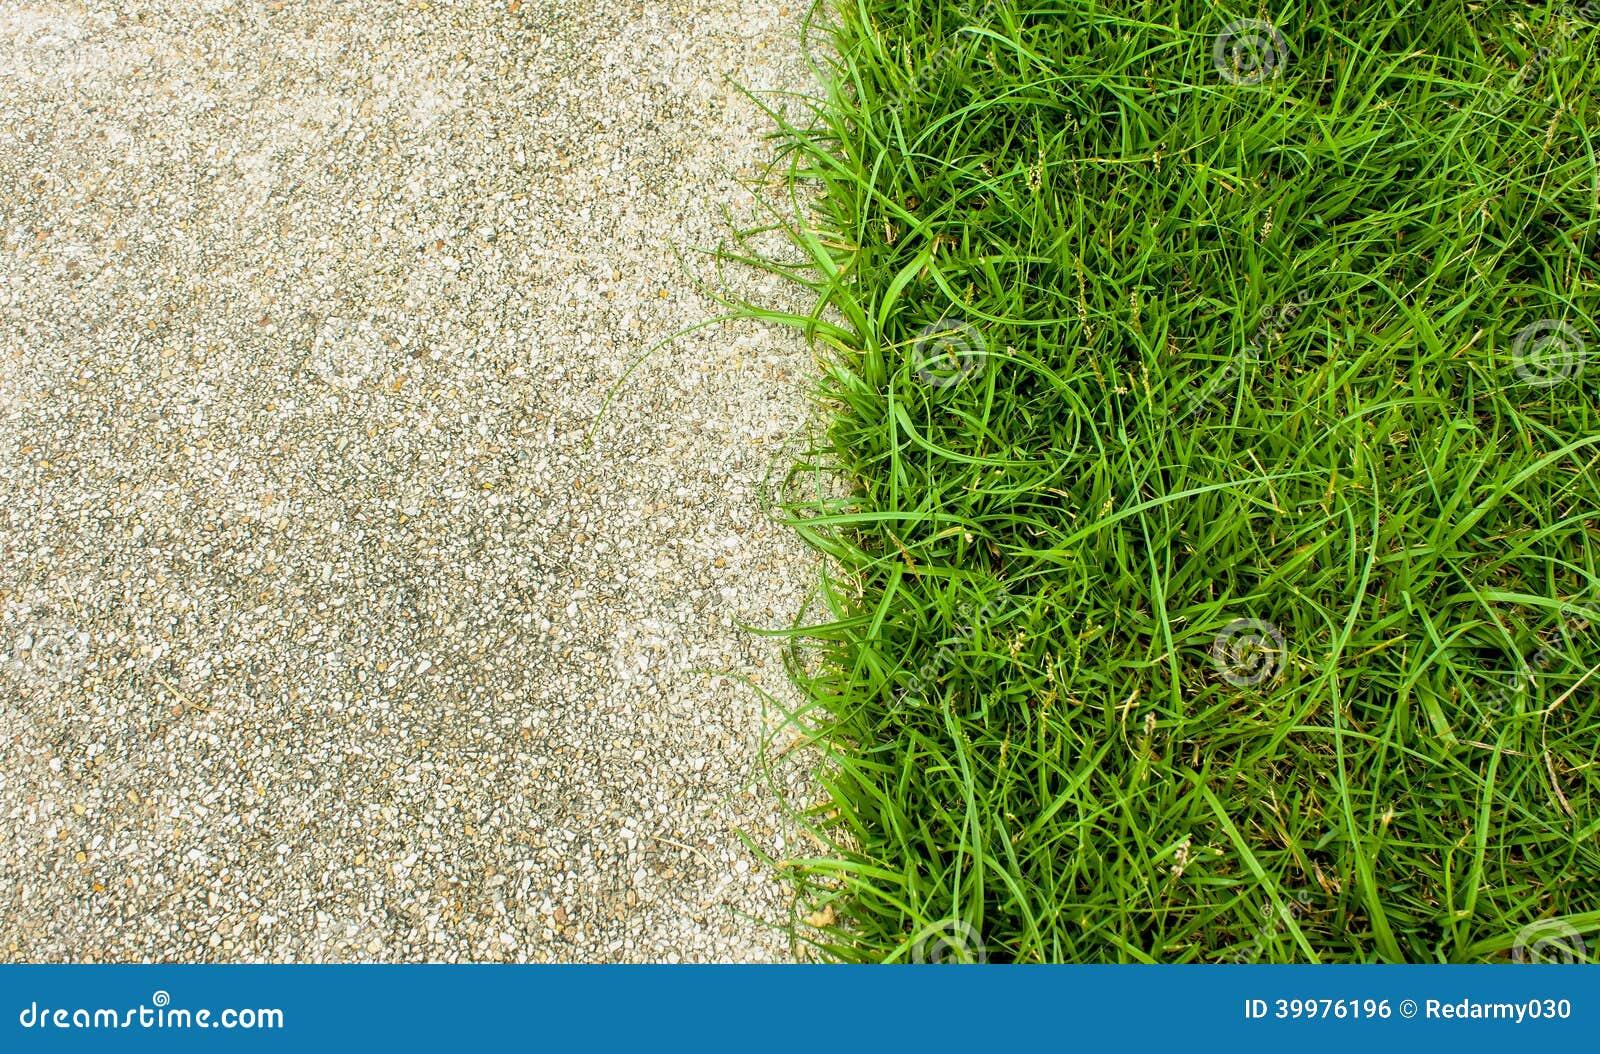 Трава бетон заказать раствор бетона цены